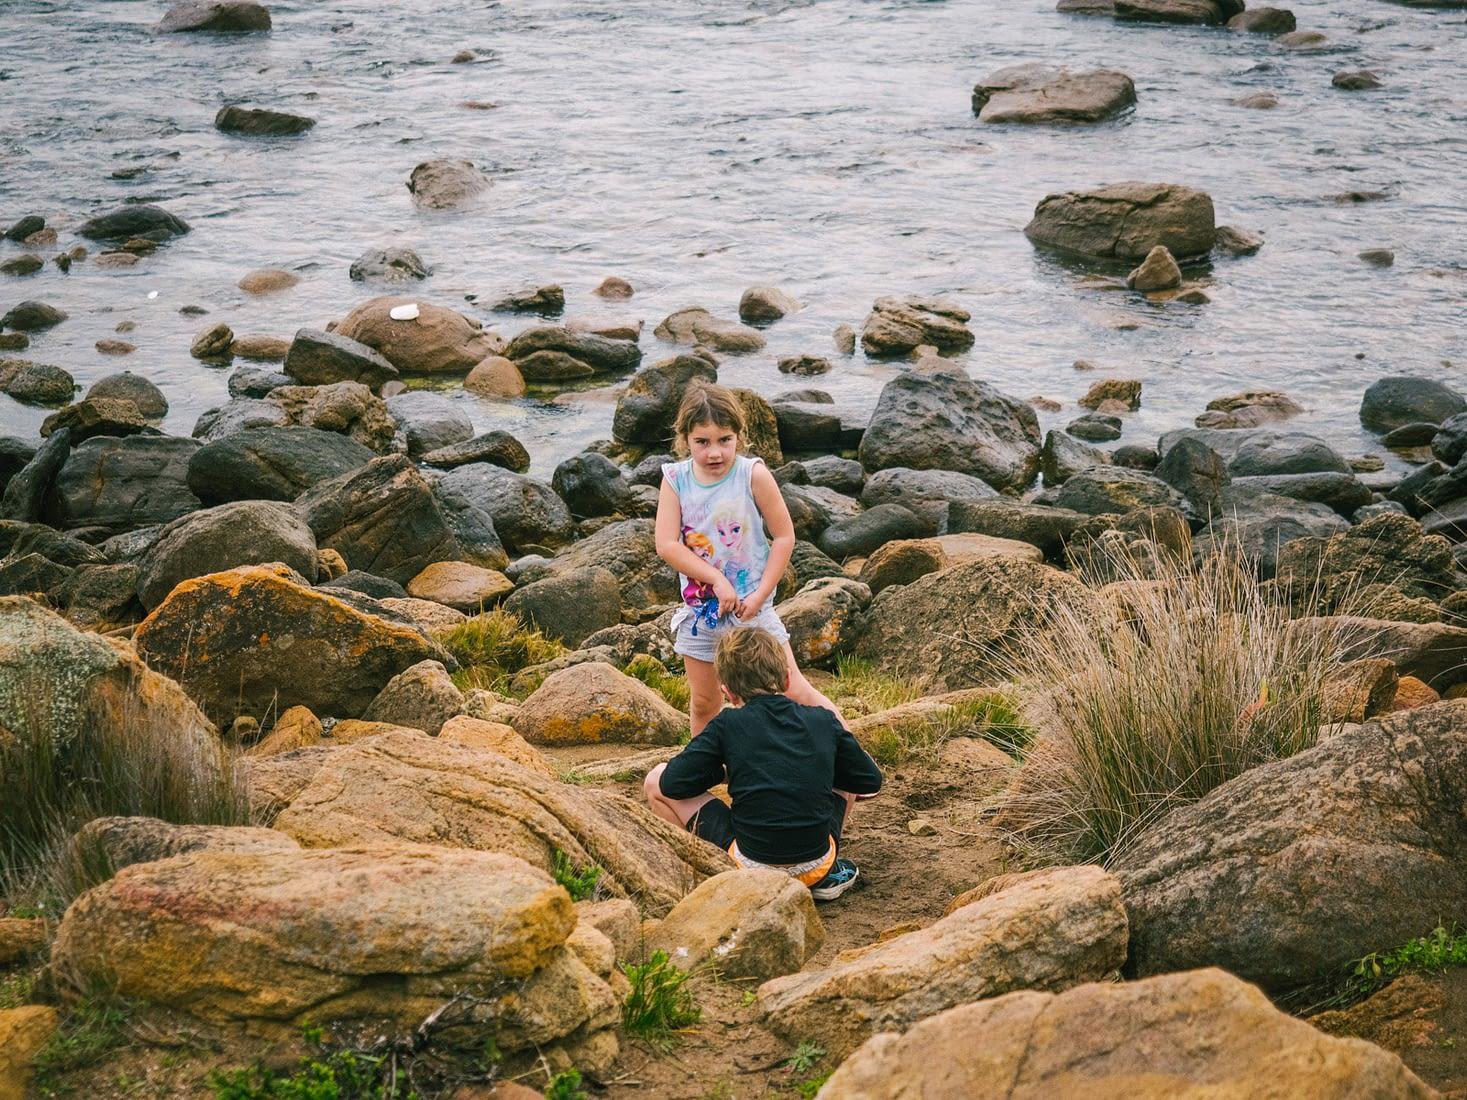 Perth, Australia - Yallingup beach - Kids playing